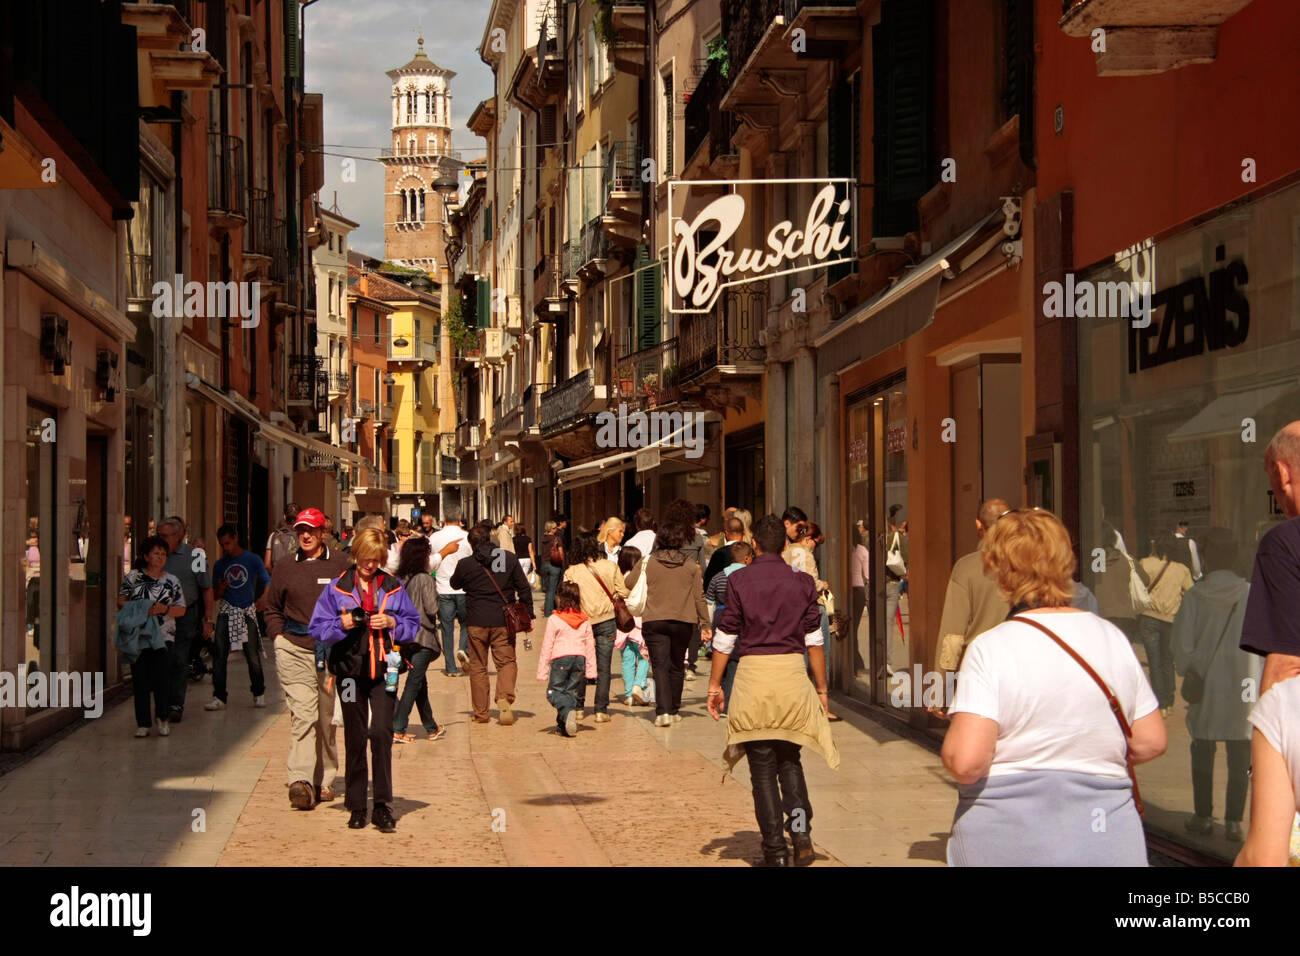 buy online 33e20 1902b shopping at Via Mazzini in Verona Italy Stock Photo ...